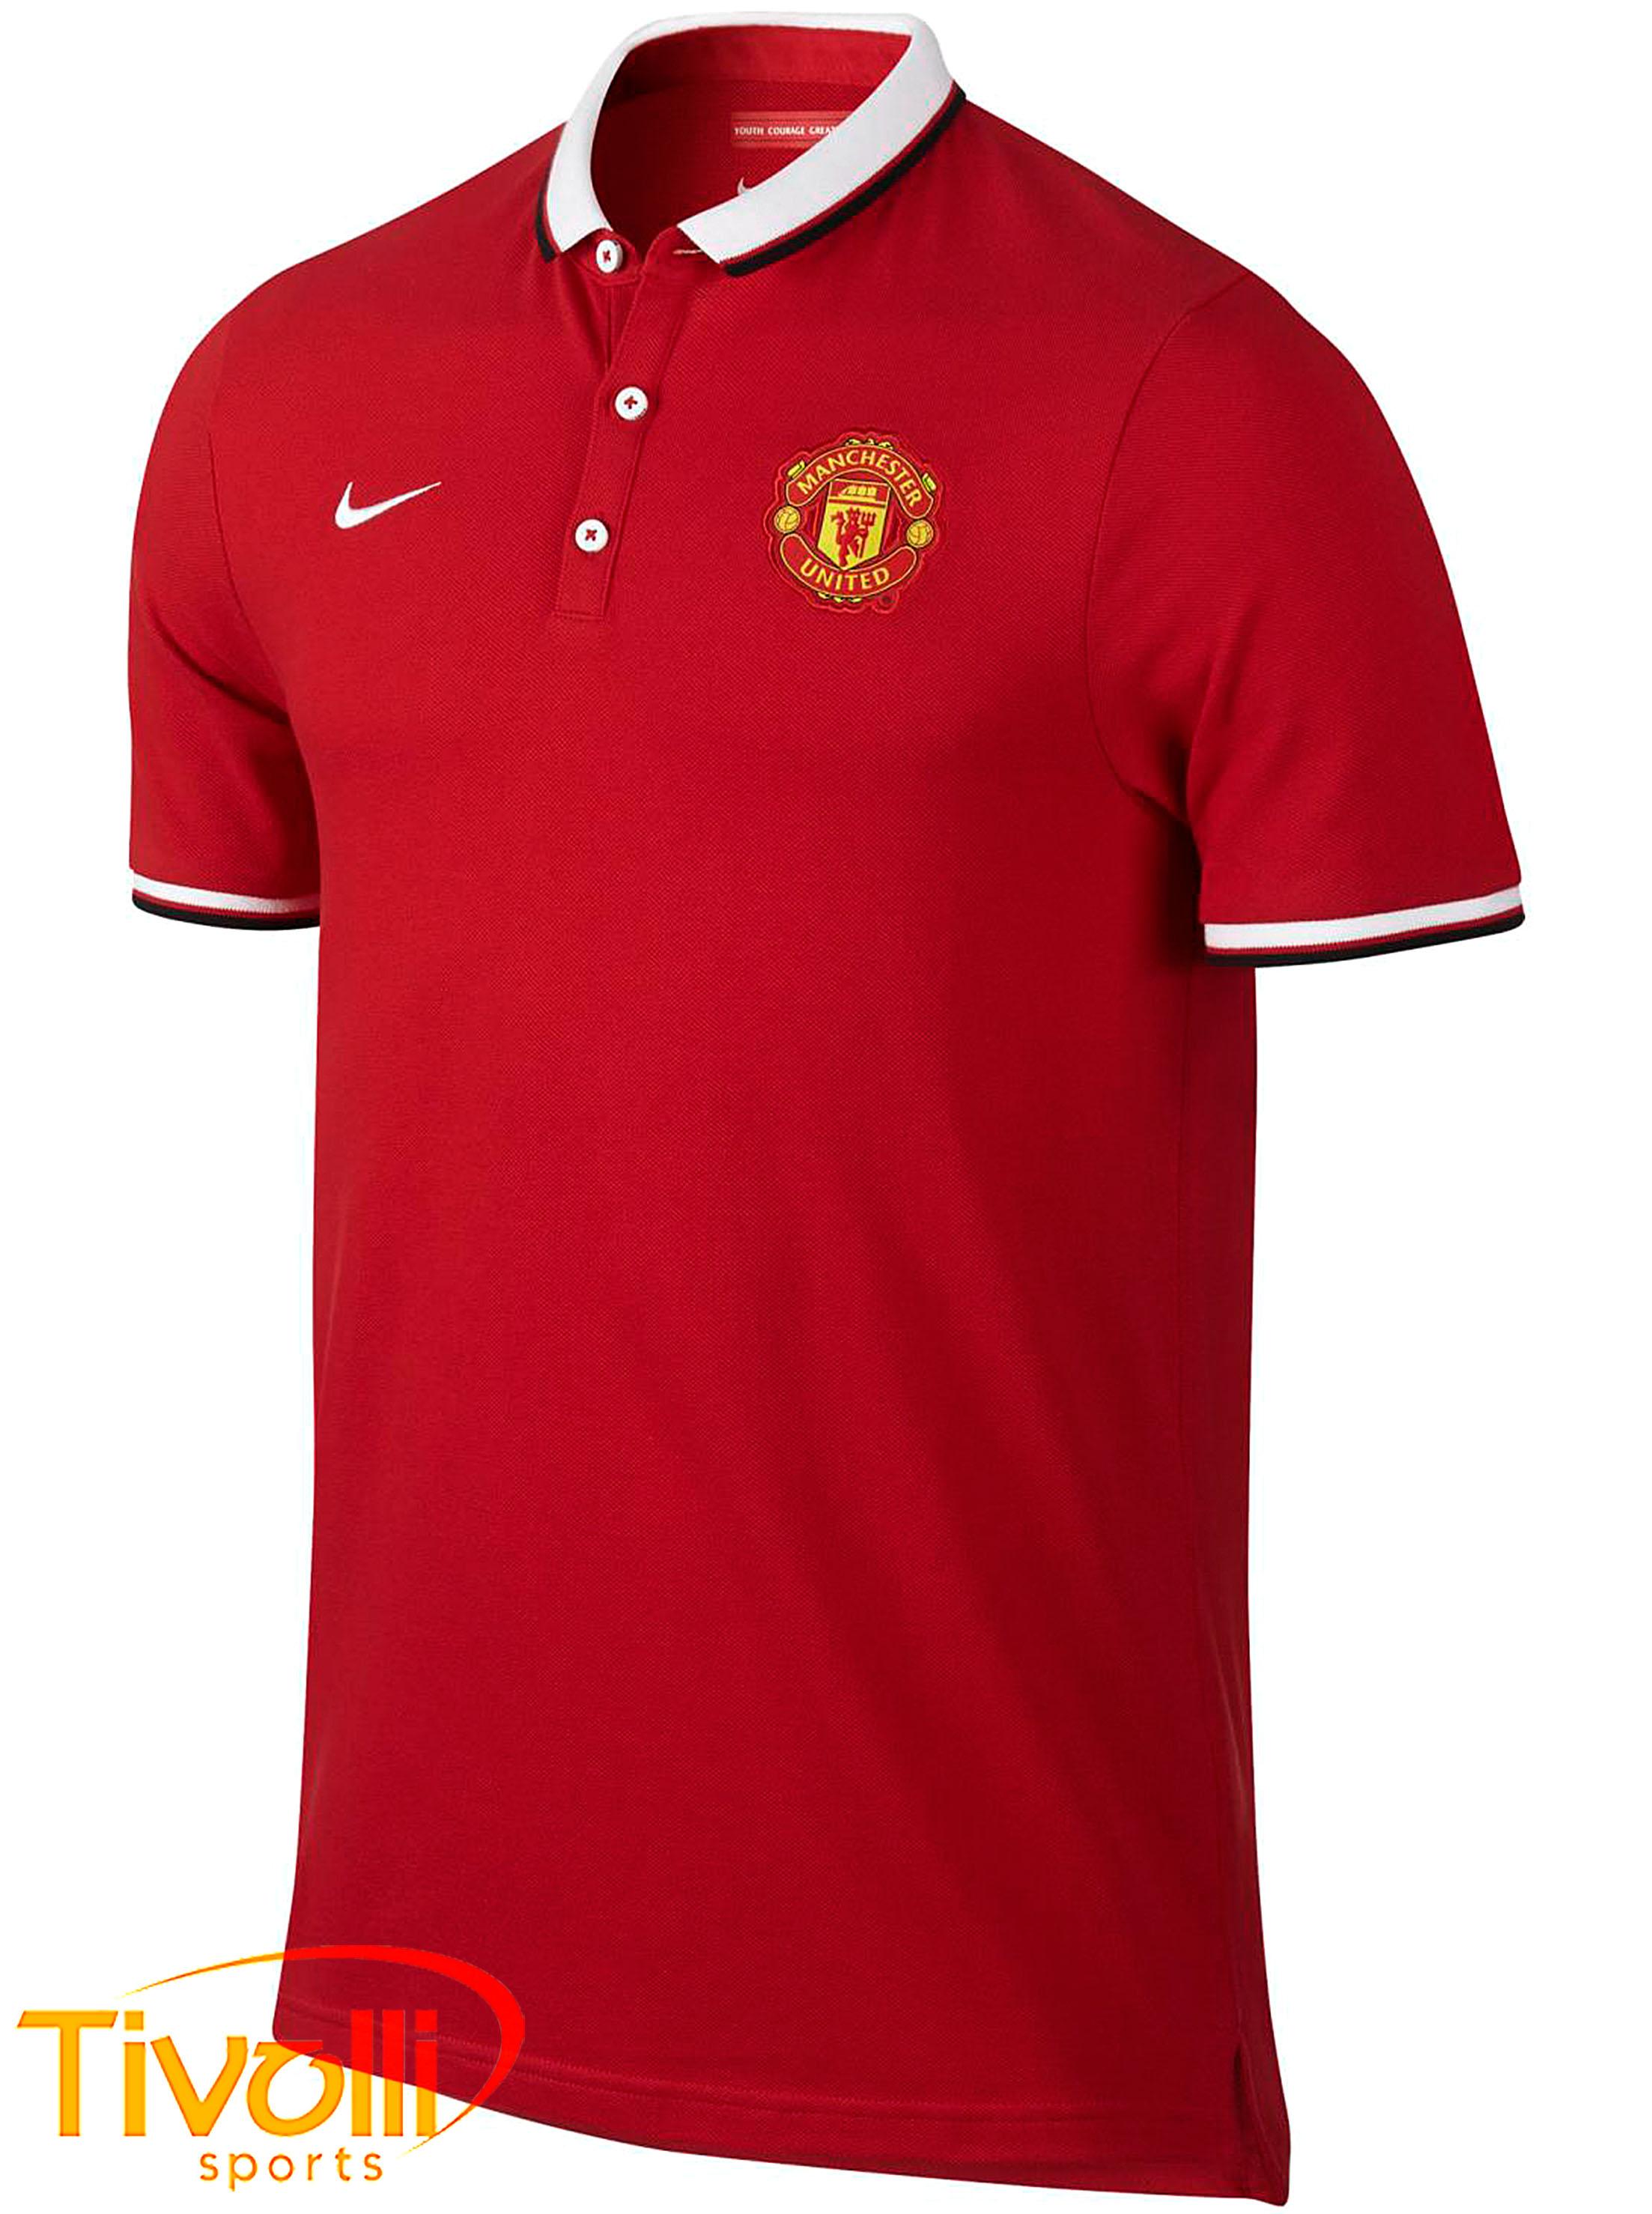 Camisa polo Manchester United Nike   - Mega Saldão   b179d0e3b0125